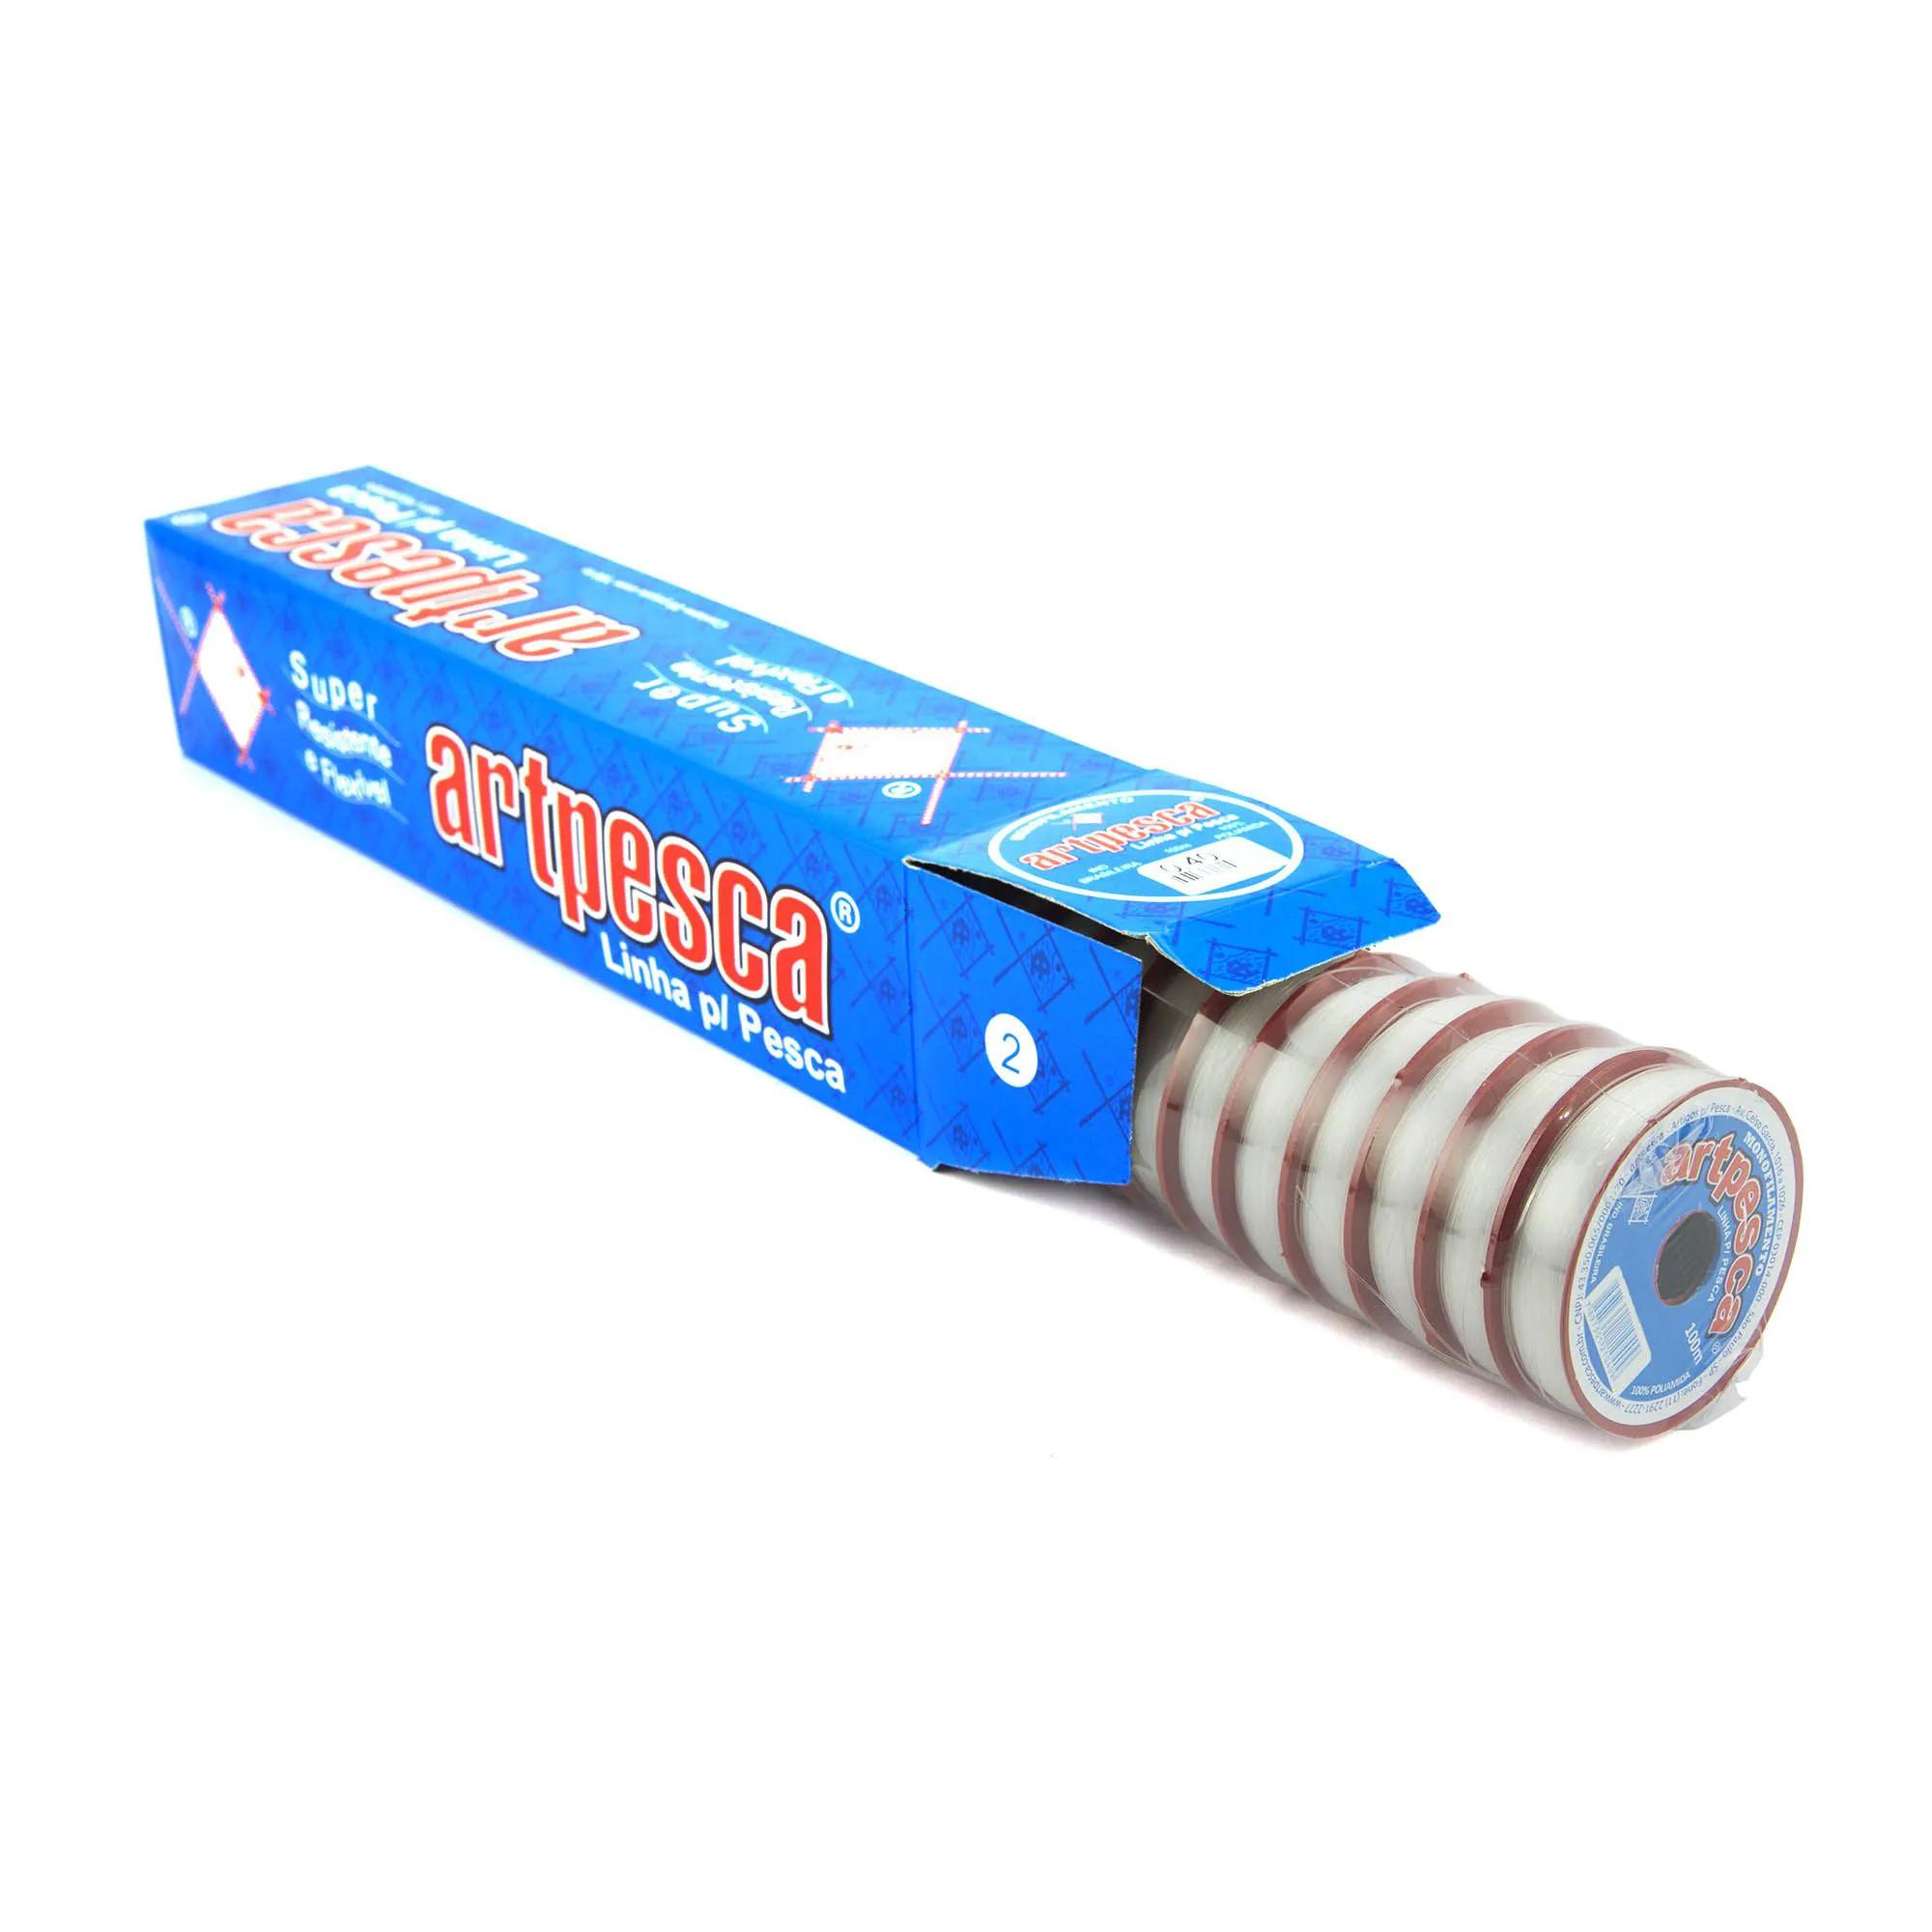 Linha de Nylon Artpesca 0,30mm Branca Caixa com 20 unidades de 100m cada  - Artpesca